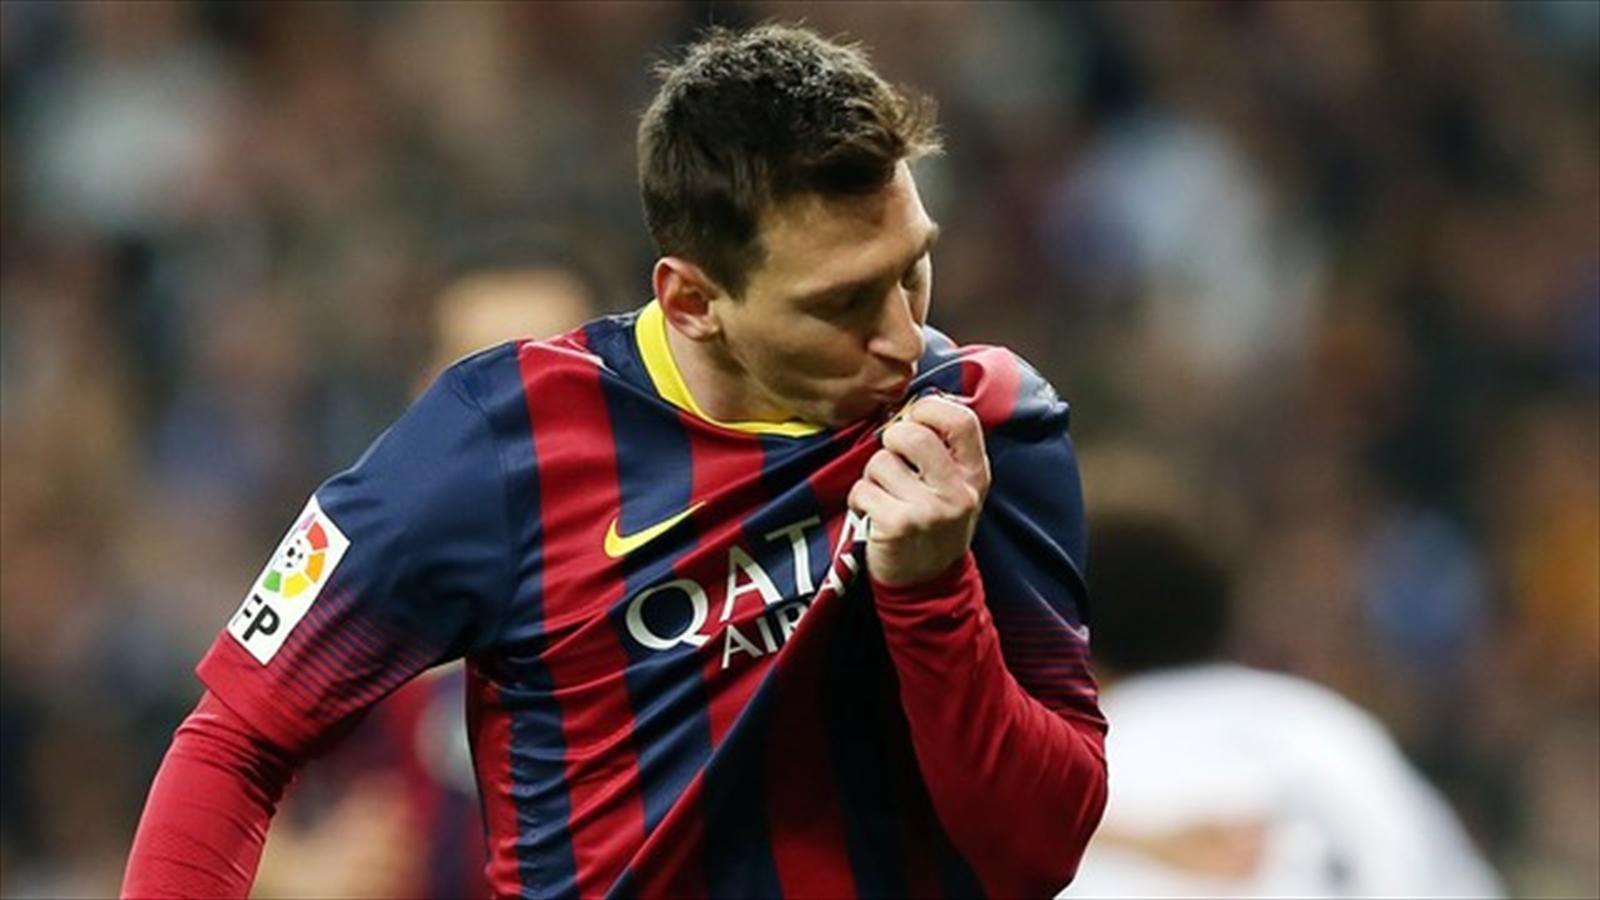 Spécial Messi et FCBarcelone (Part 2) - Page 8 1238169-26691678-1600-900